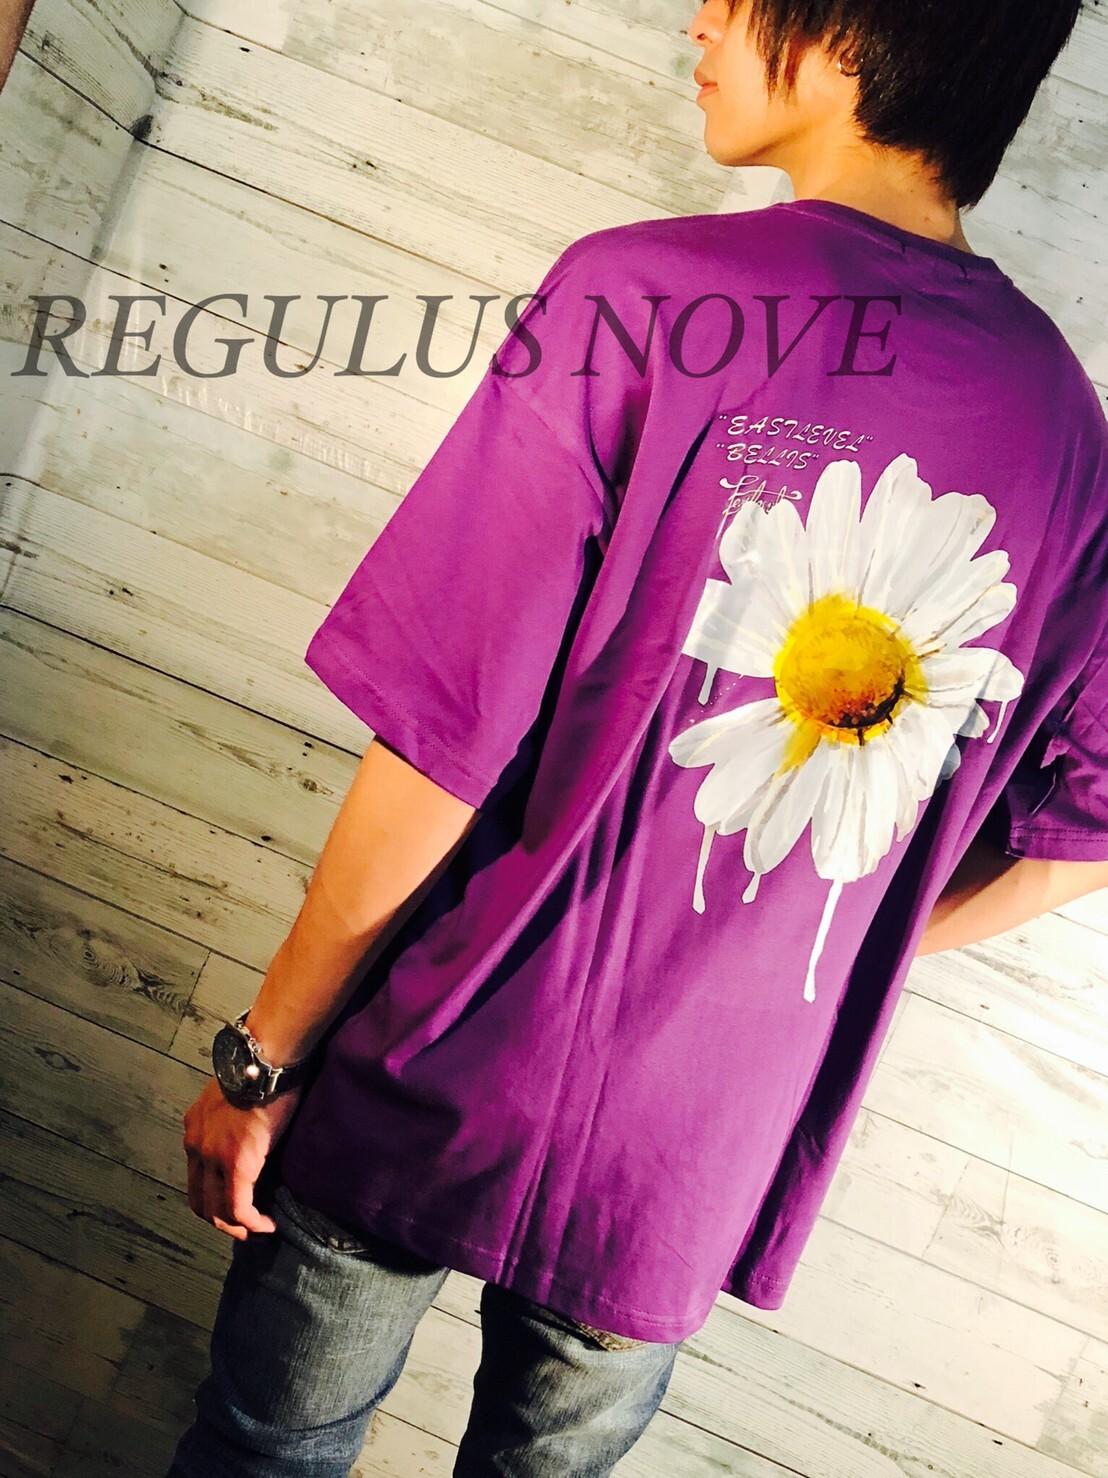 【メール便対応】 REGULUS NOVE DAISYプリントメッセージBIGTシャツ PURPLE ユニセックス レディース メンズ オーバーサイズ 大きいサイズ 派手 韓国 プリント 個性的 ストリート ロック